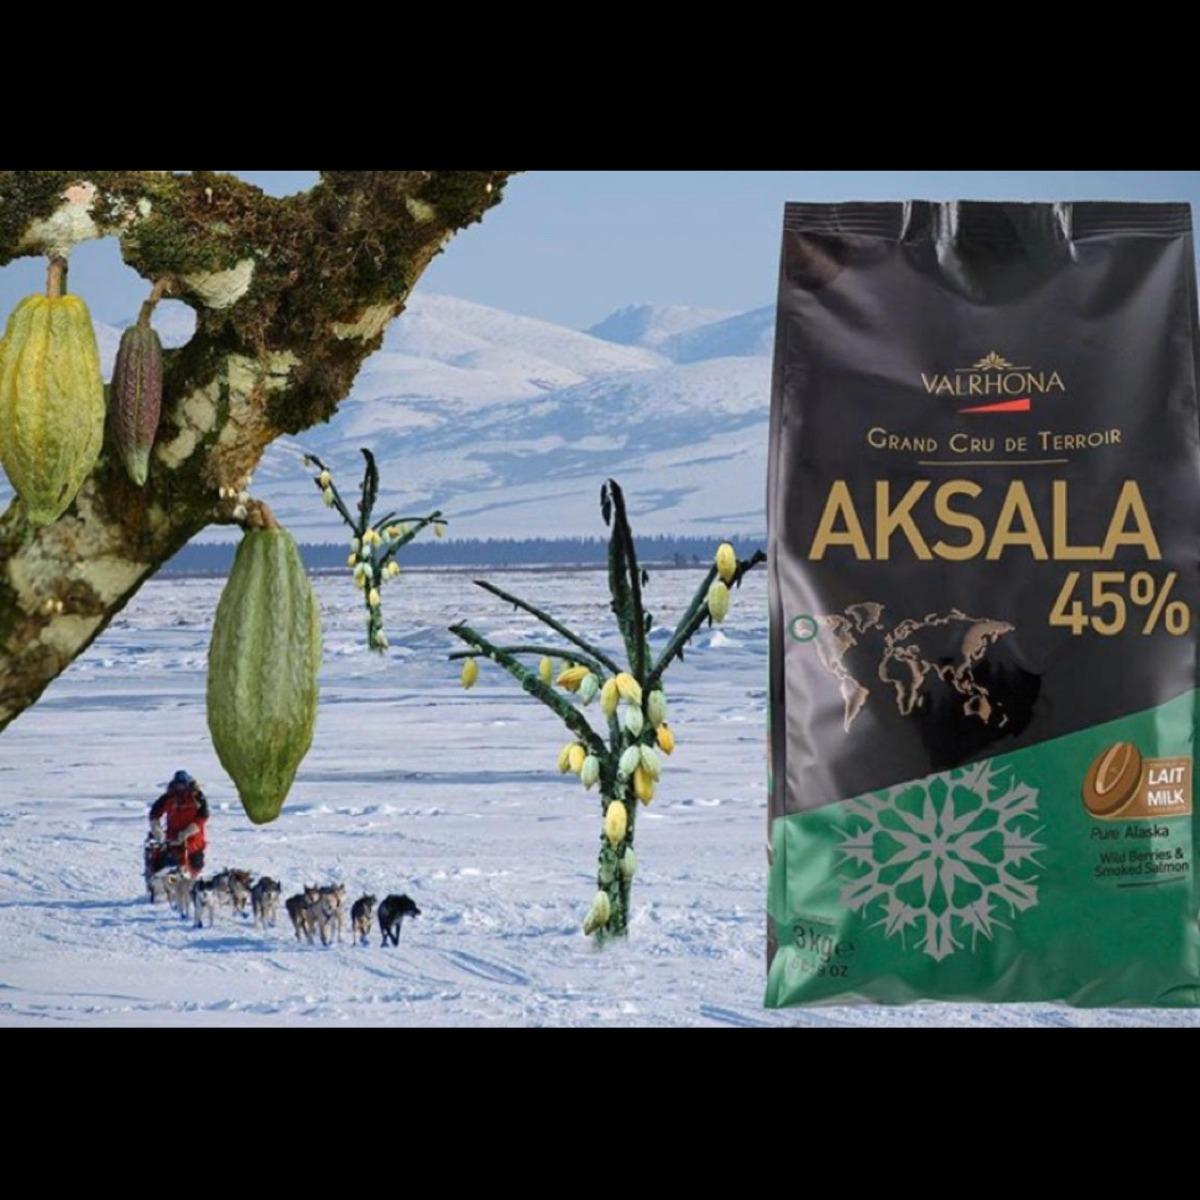 Aksala